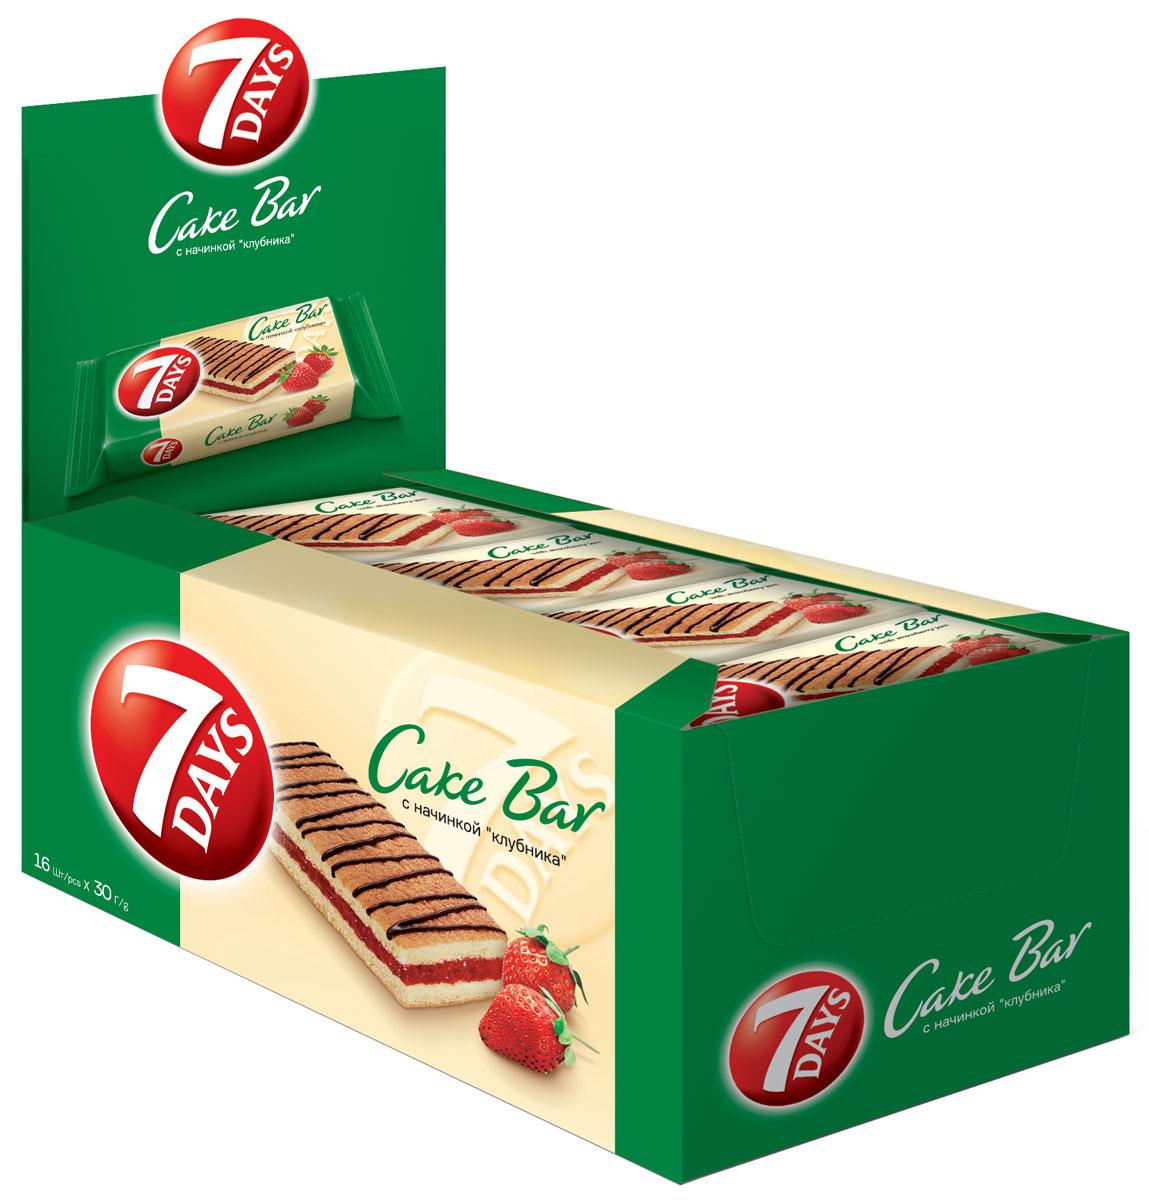 7DAYS Cake Bar Пирожное с начинкой Клубника, 16 шт по 30 г5 201360 79655 7Пирожные 7DAYS Кейк Бар - это индивидуально упакованные бисквитные пирожные, представленные ассортиментом наиболее популярных вкусов. Восхитительный снэк для всей семьи, которым можно насладиться в течение всего дня.